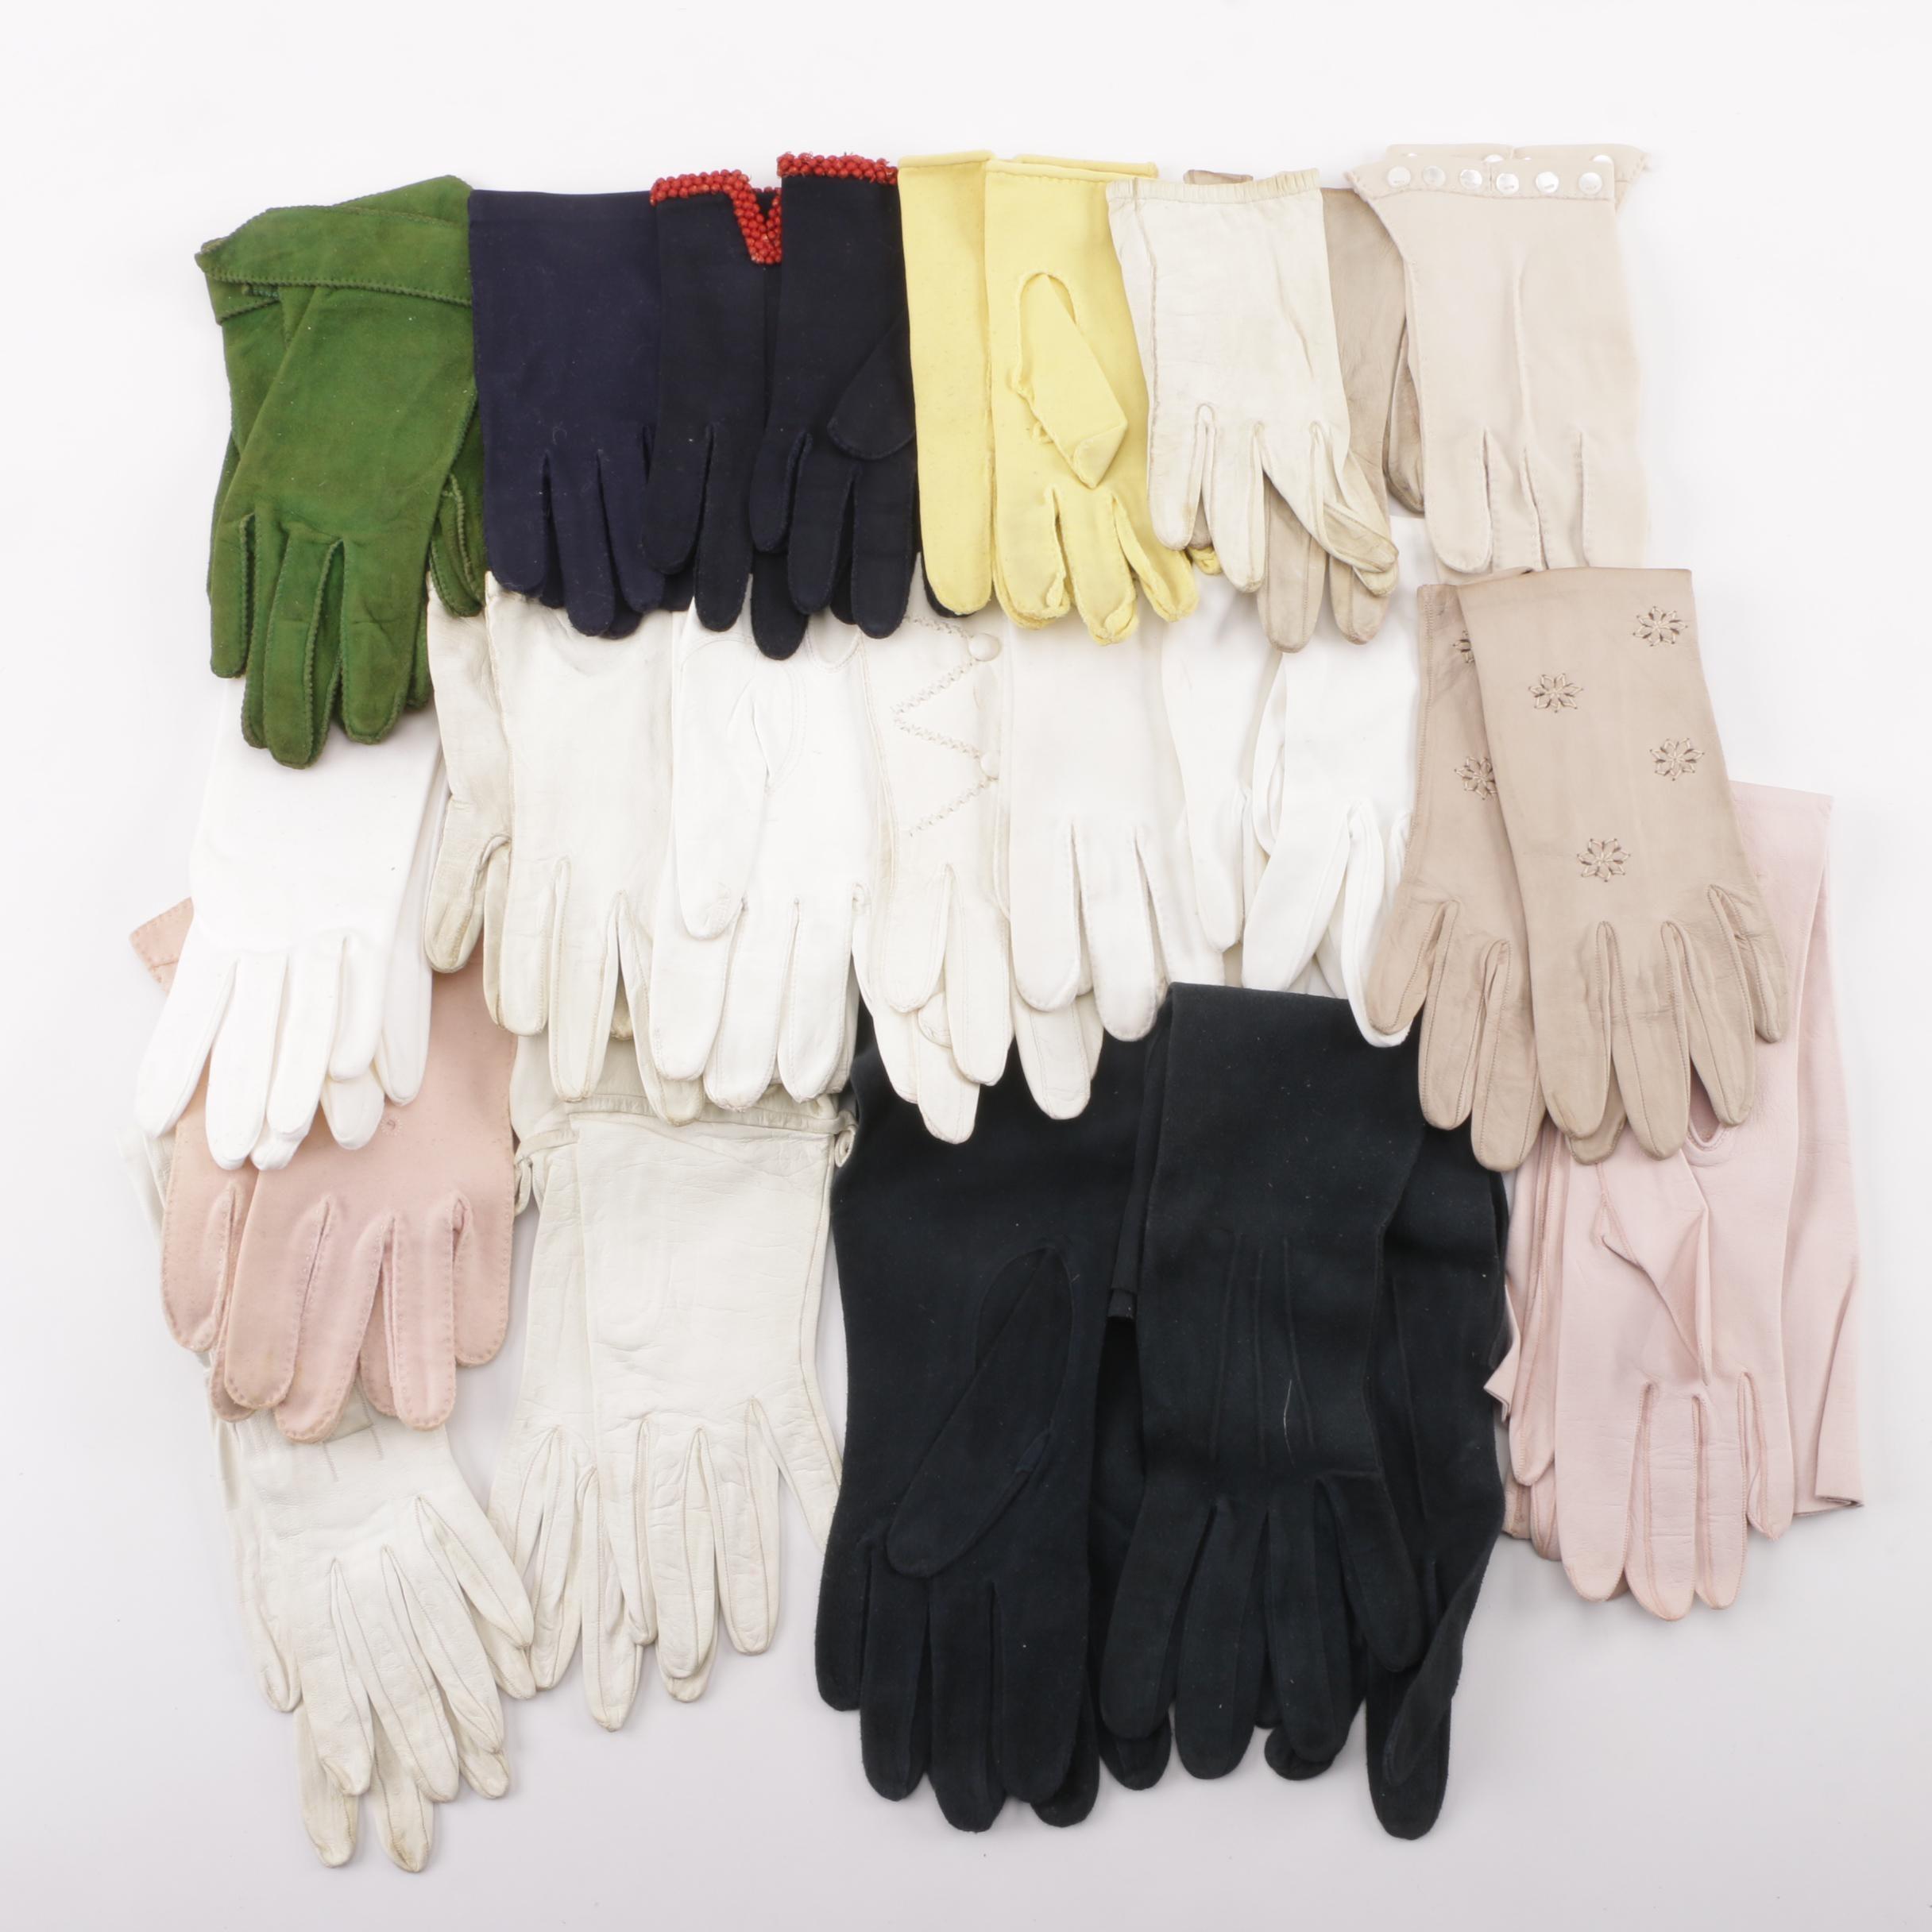 1950s Vintage Formal and Day Gloves including Lionel de Grand Paris